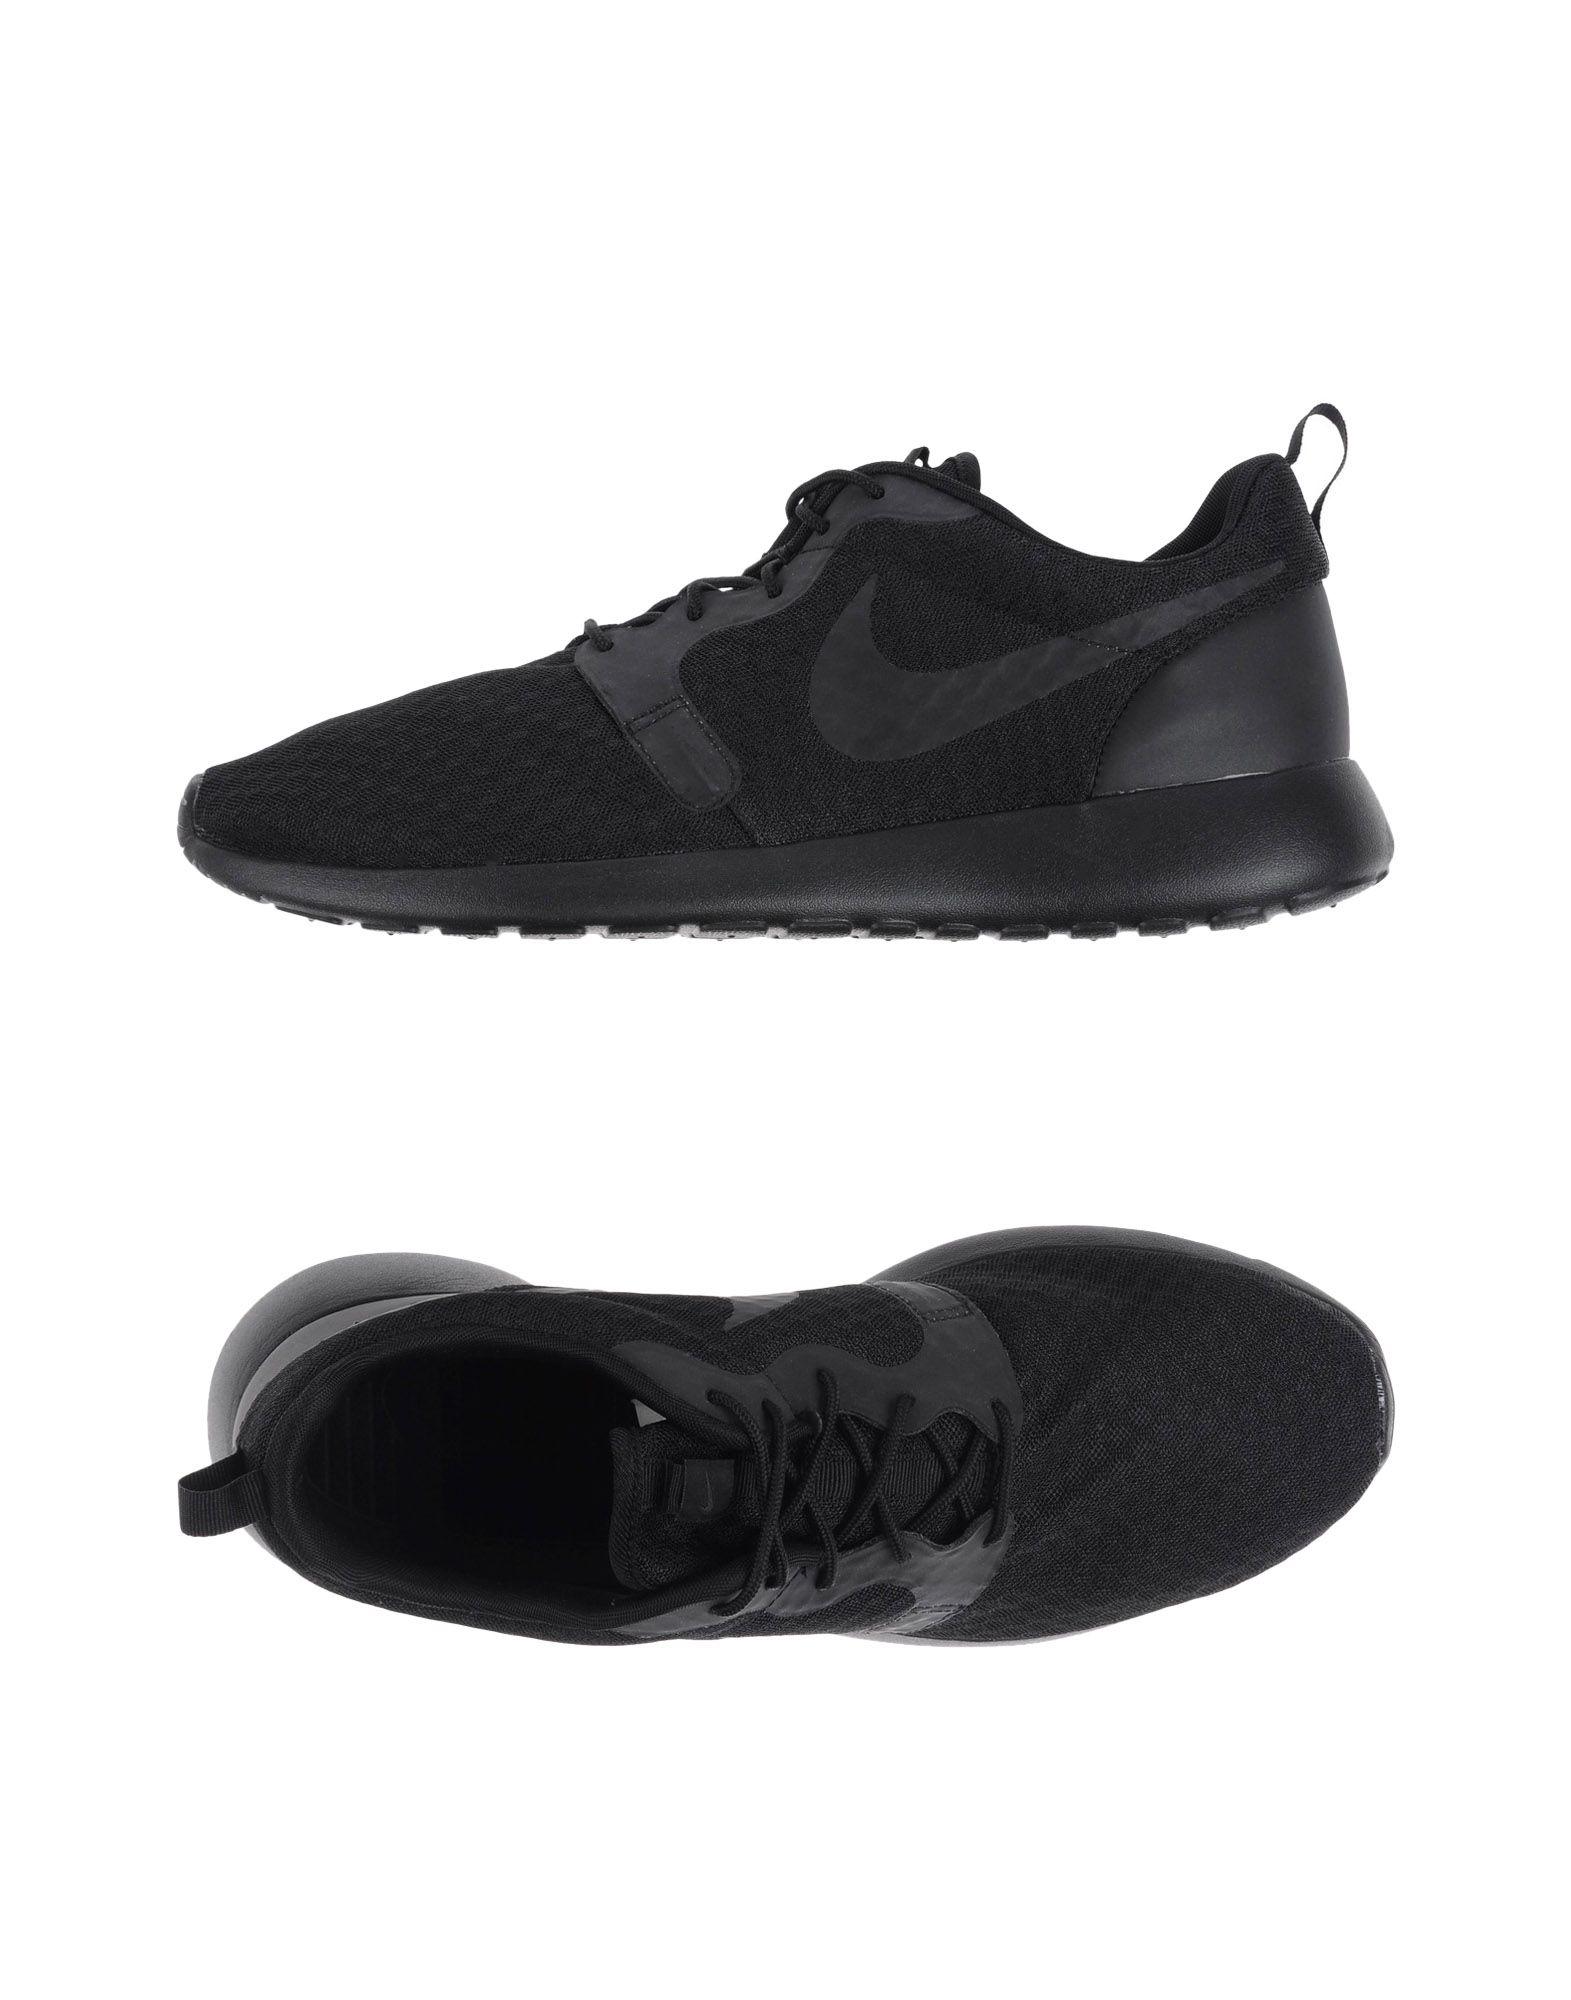 11145947XU Nike Sneakers Herren  11145947XU  9347d0